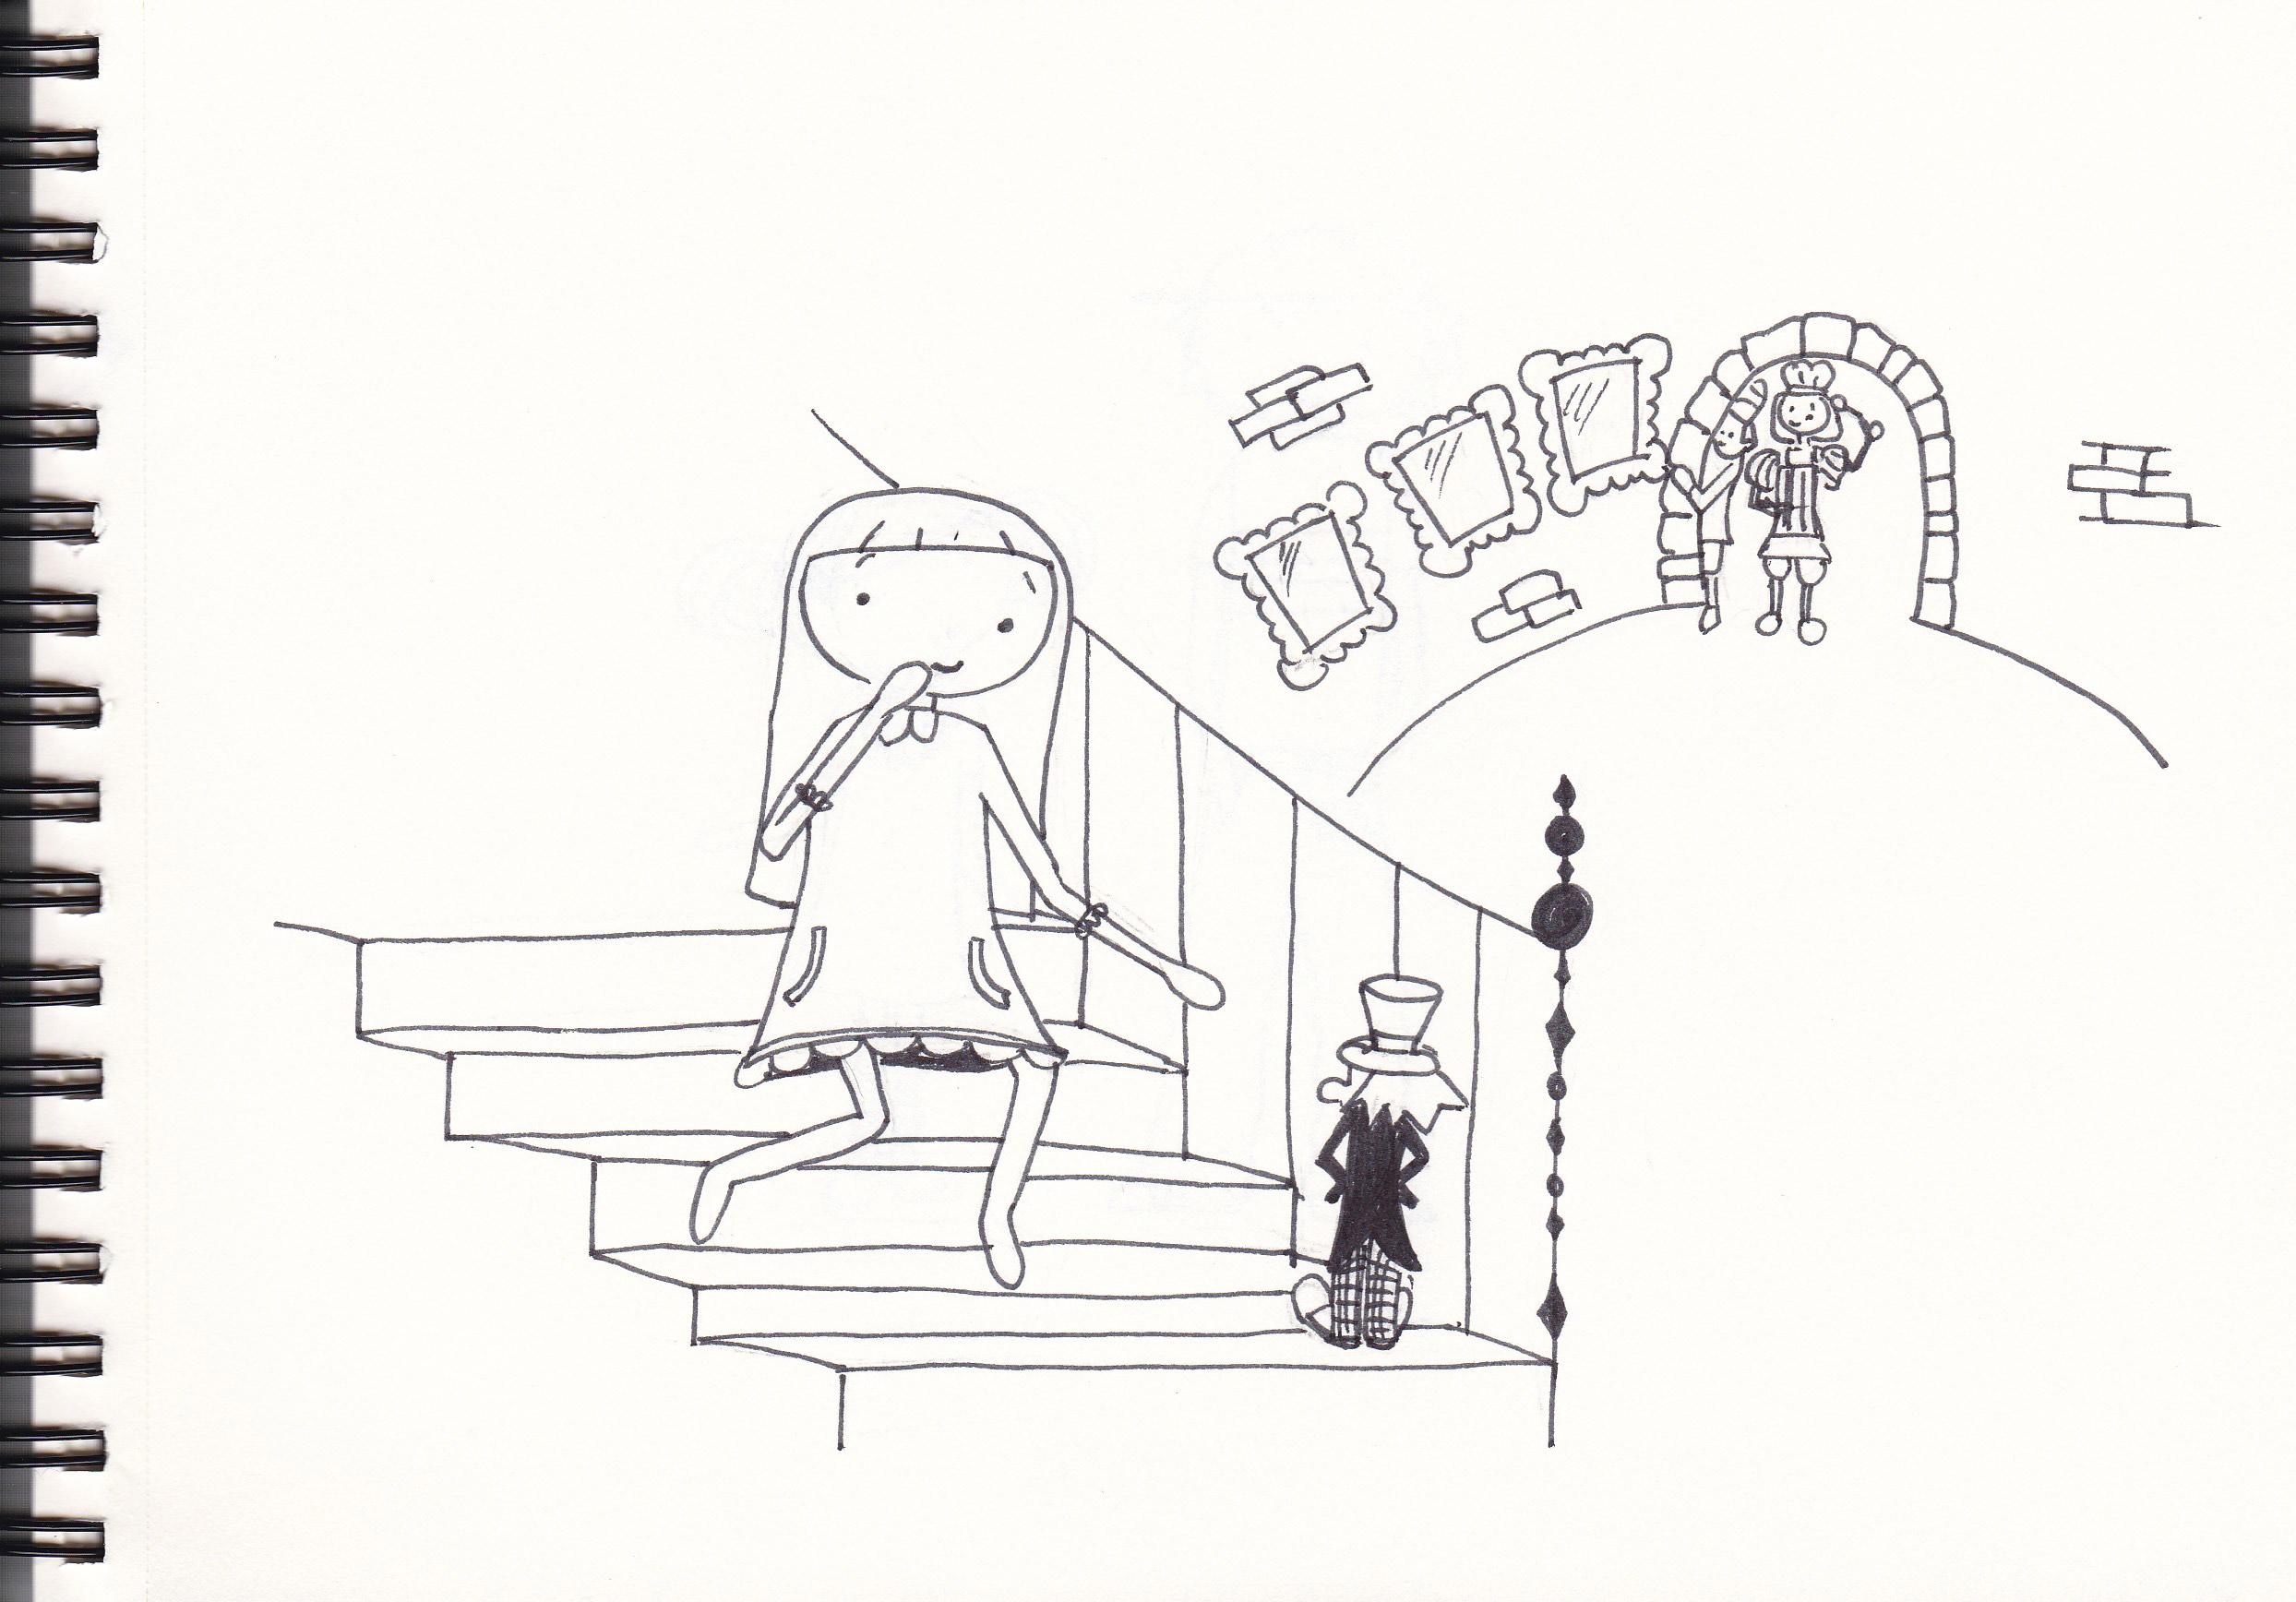 Kindergeschichte-illustrieren_fertige-Skizzen-2